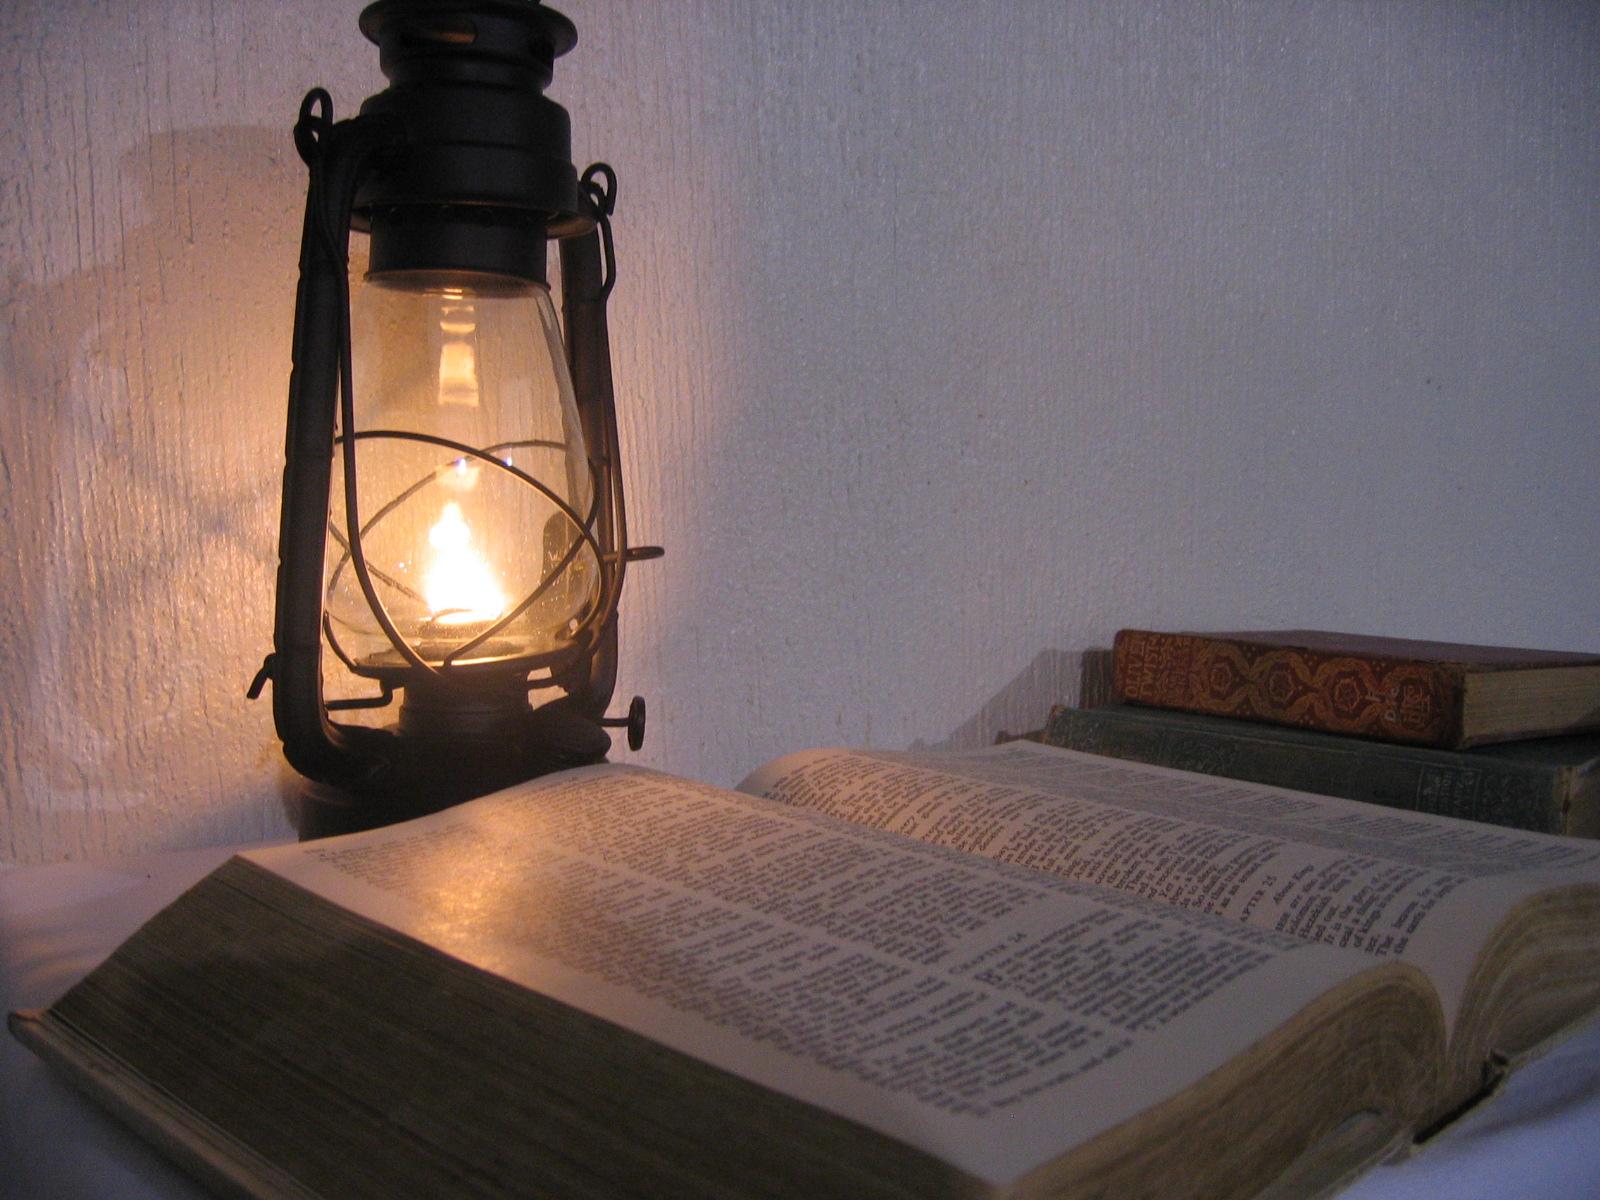 lampara encendida y biblia  fondo